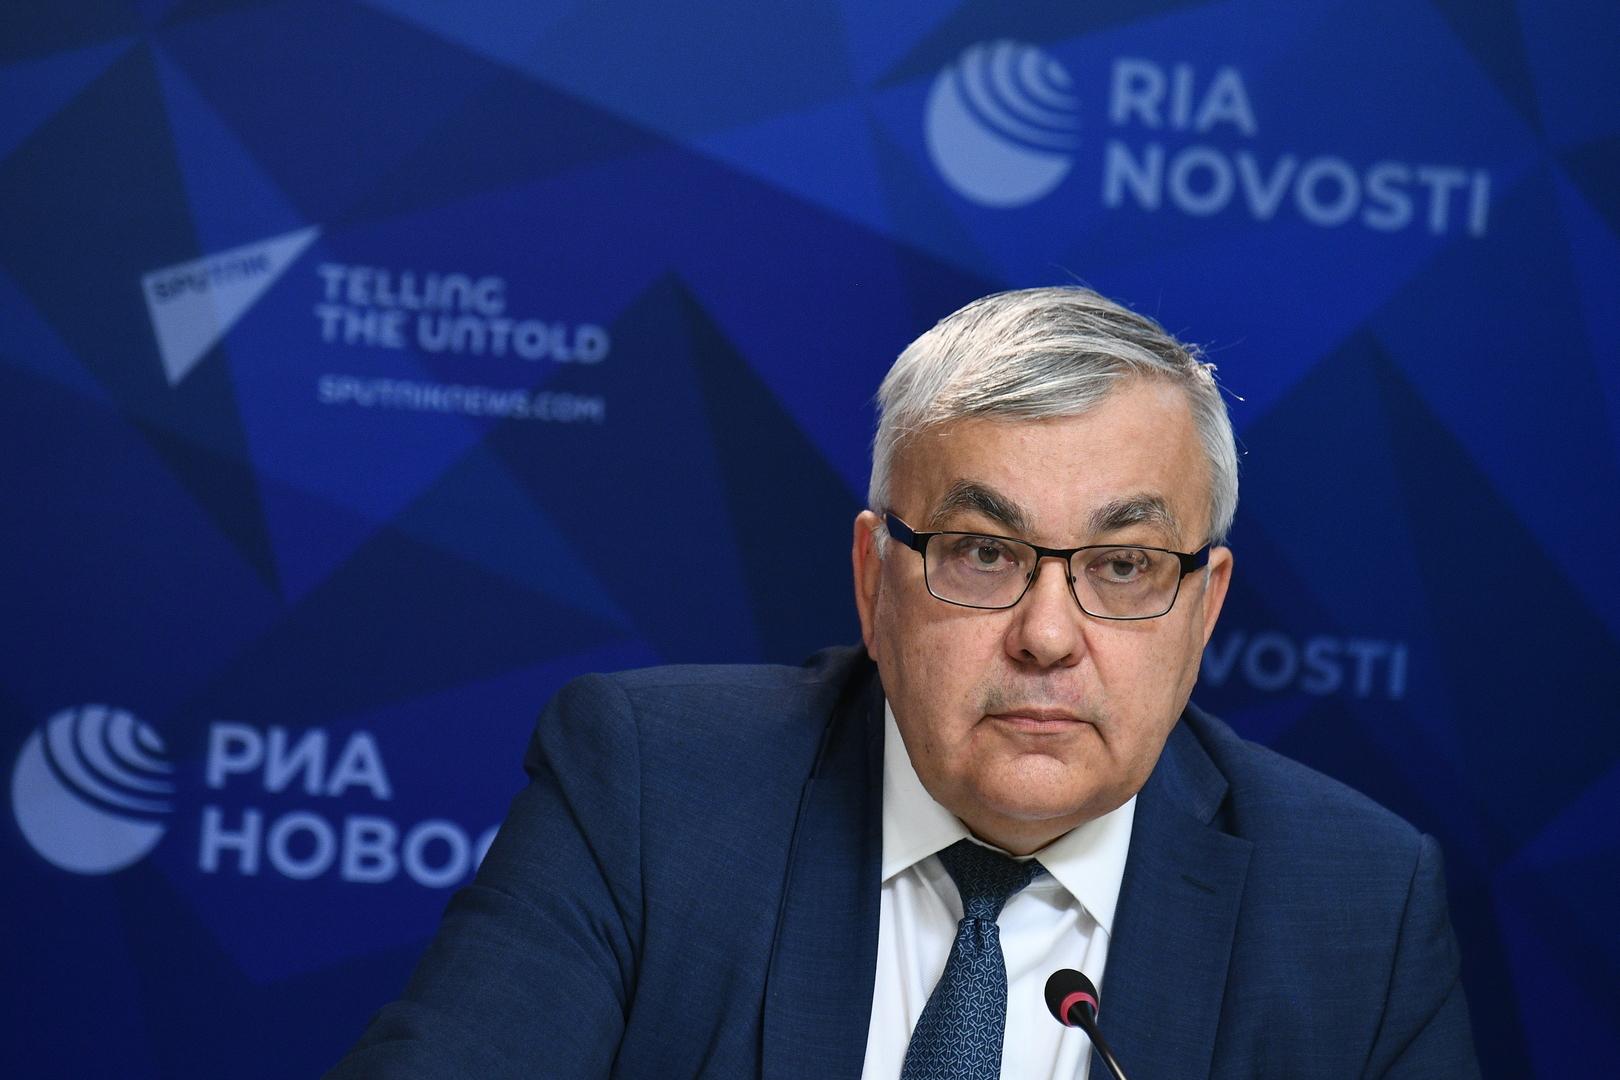 روسيا: لا طريقة للتطبيع التام في ليبيا إلا بإخراج القوات الأجنبية بالكامل